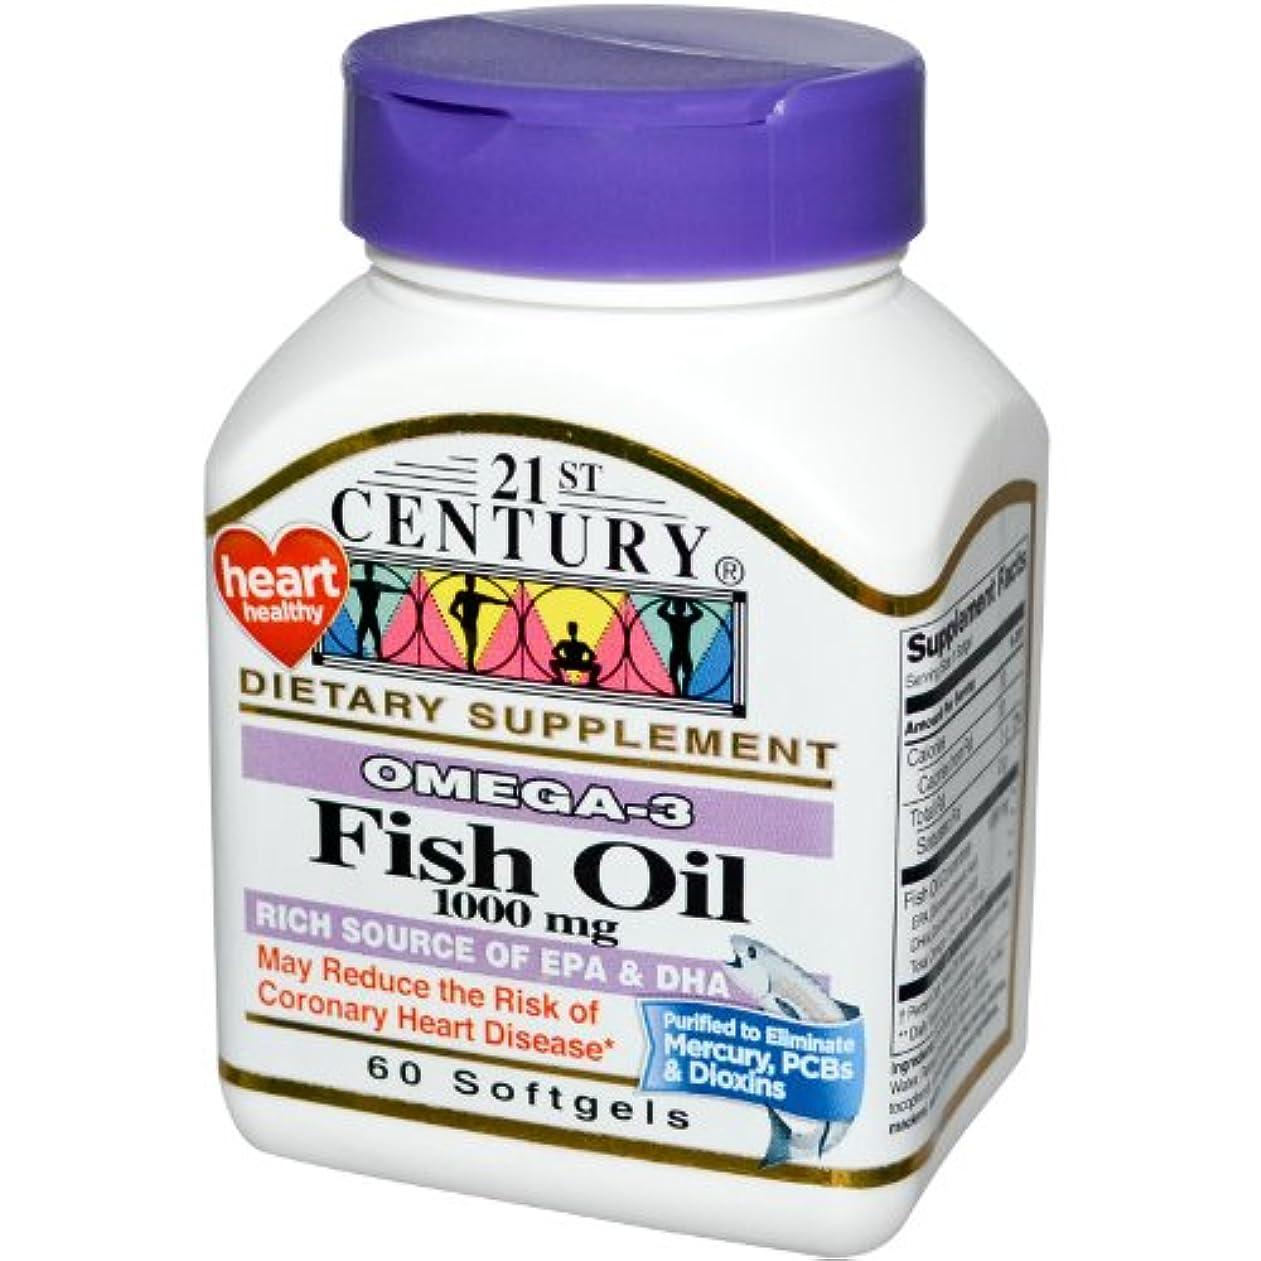 データ振り向く実際21st Century Health Care, Fish Oil, 1000 mg, 60 Softgels